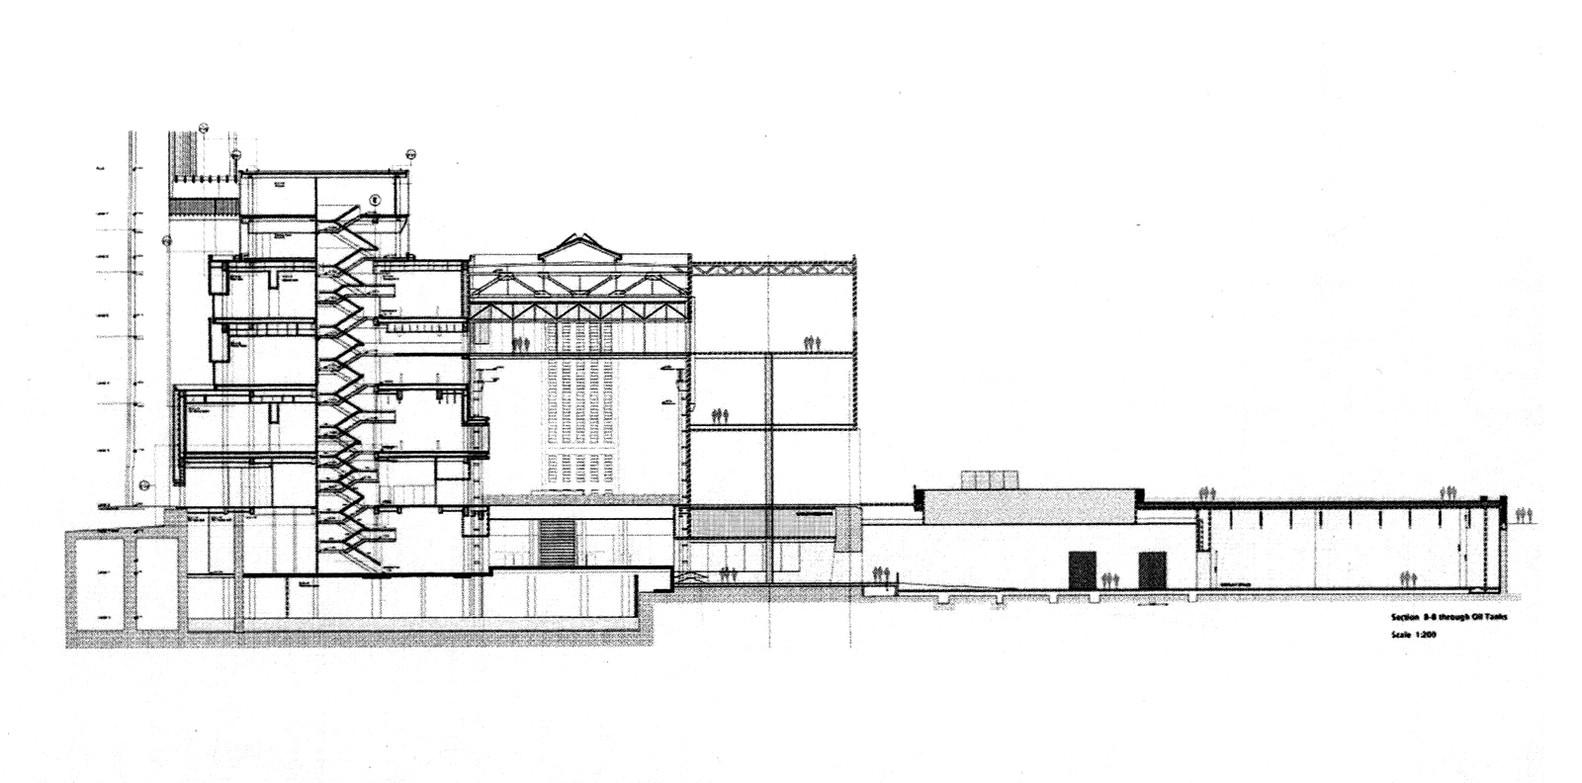 Clássicos Da Arquitetura: Museu Tate Modern,Section Through Boiler House,  Turbine Hall,